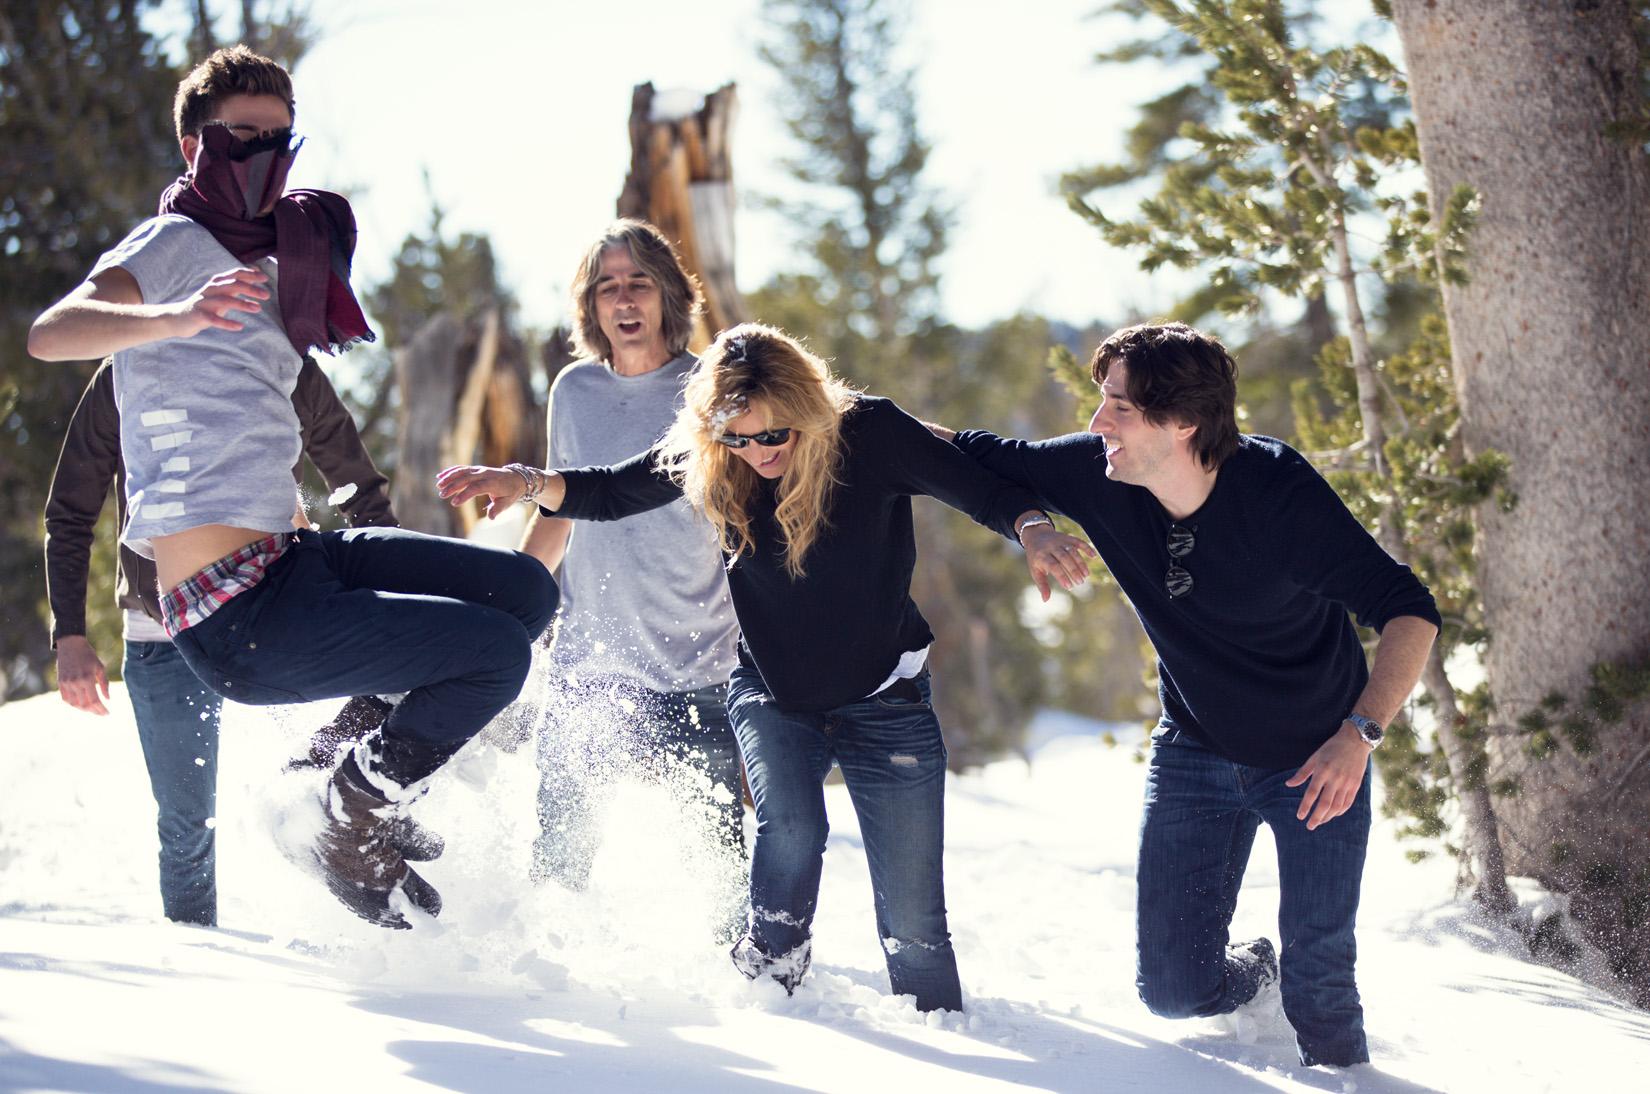 snow-jump